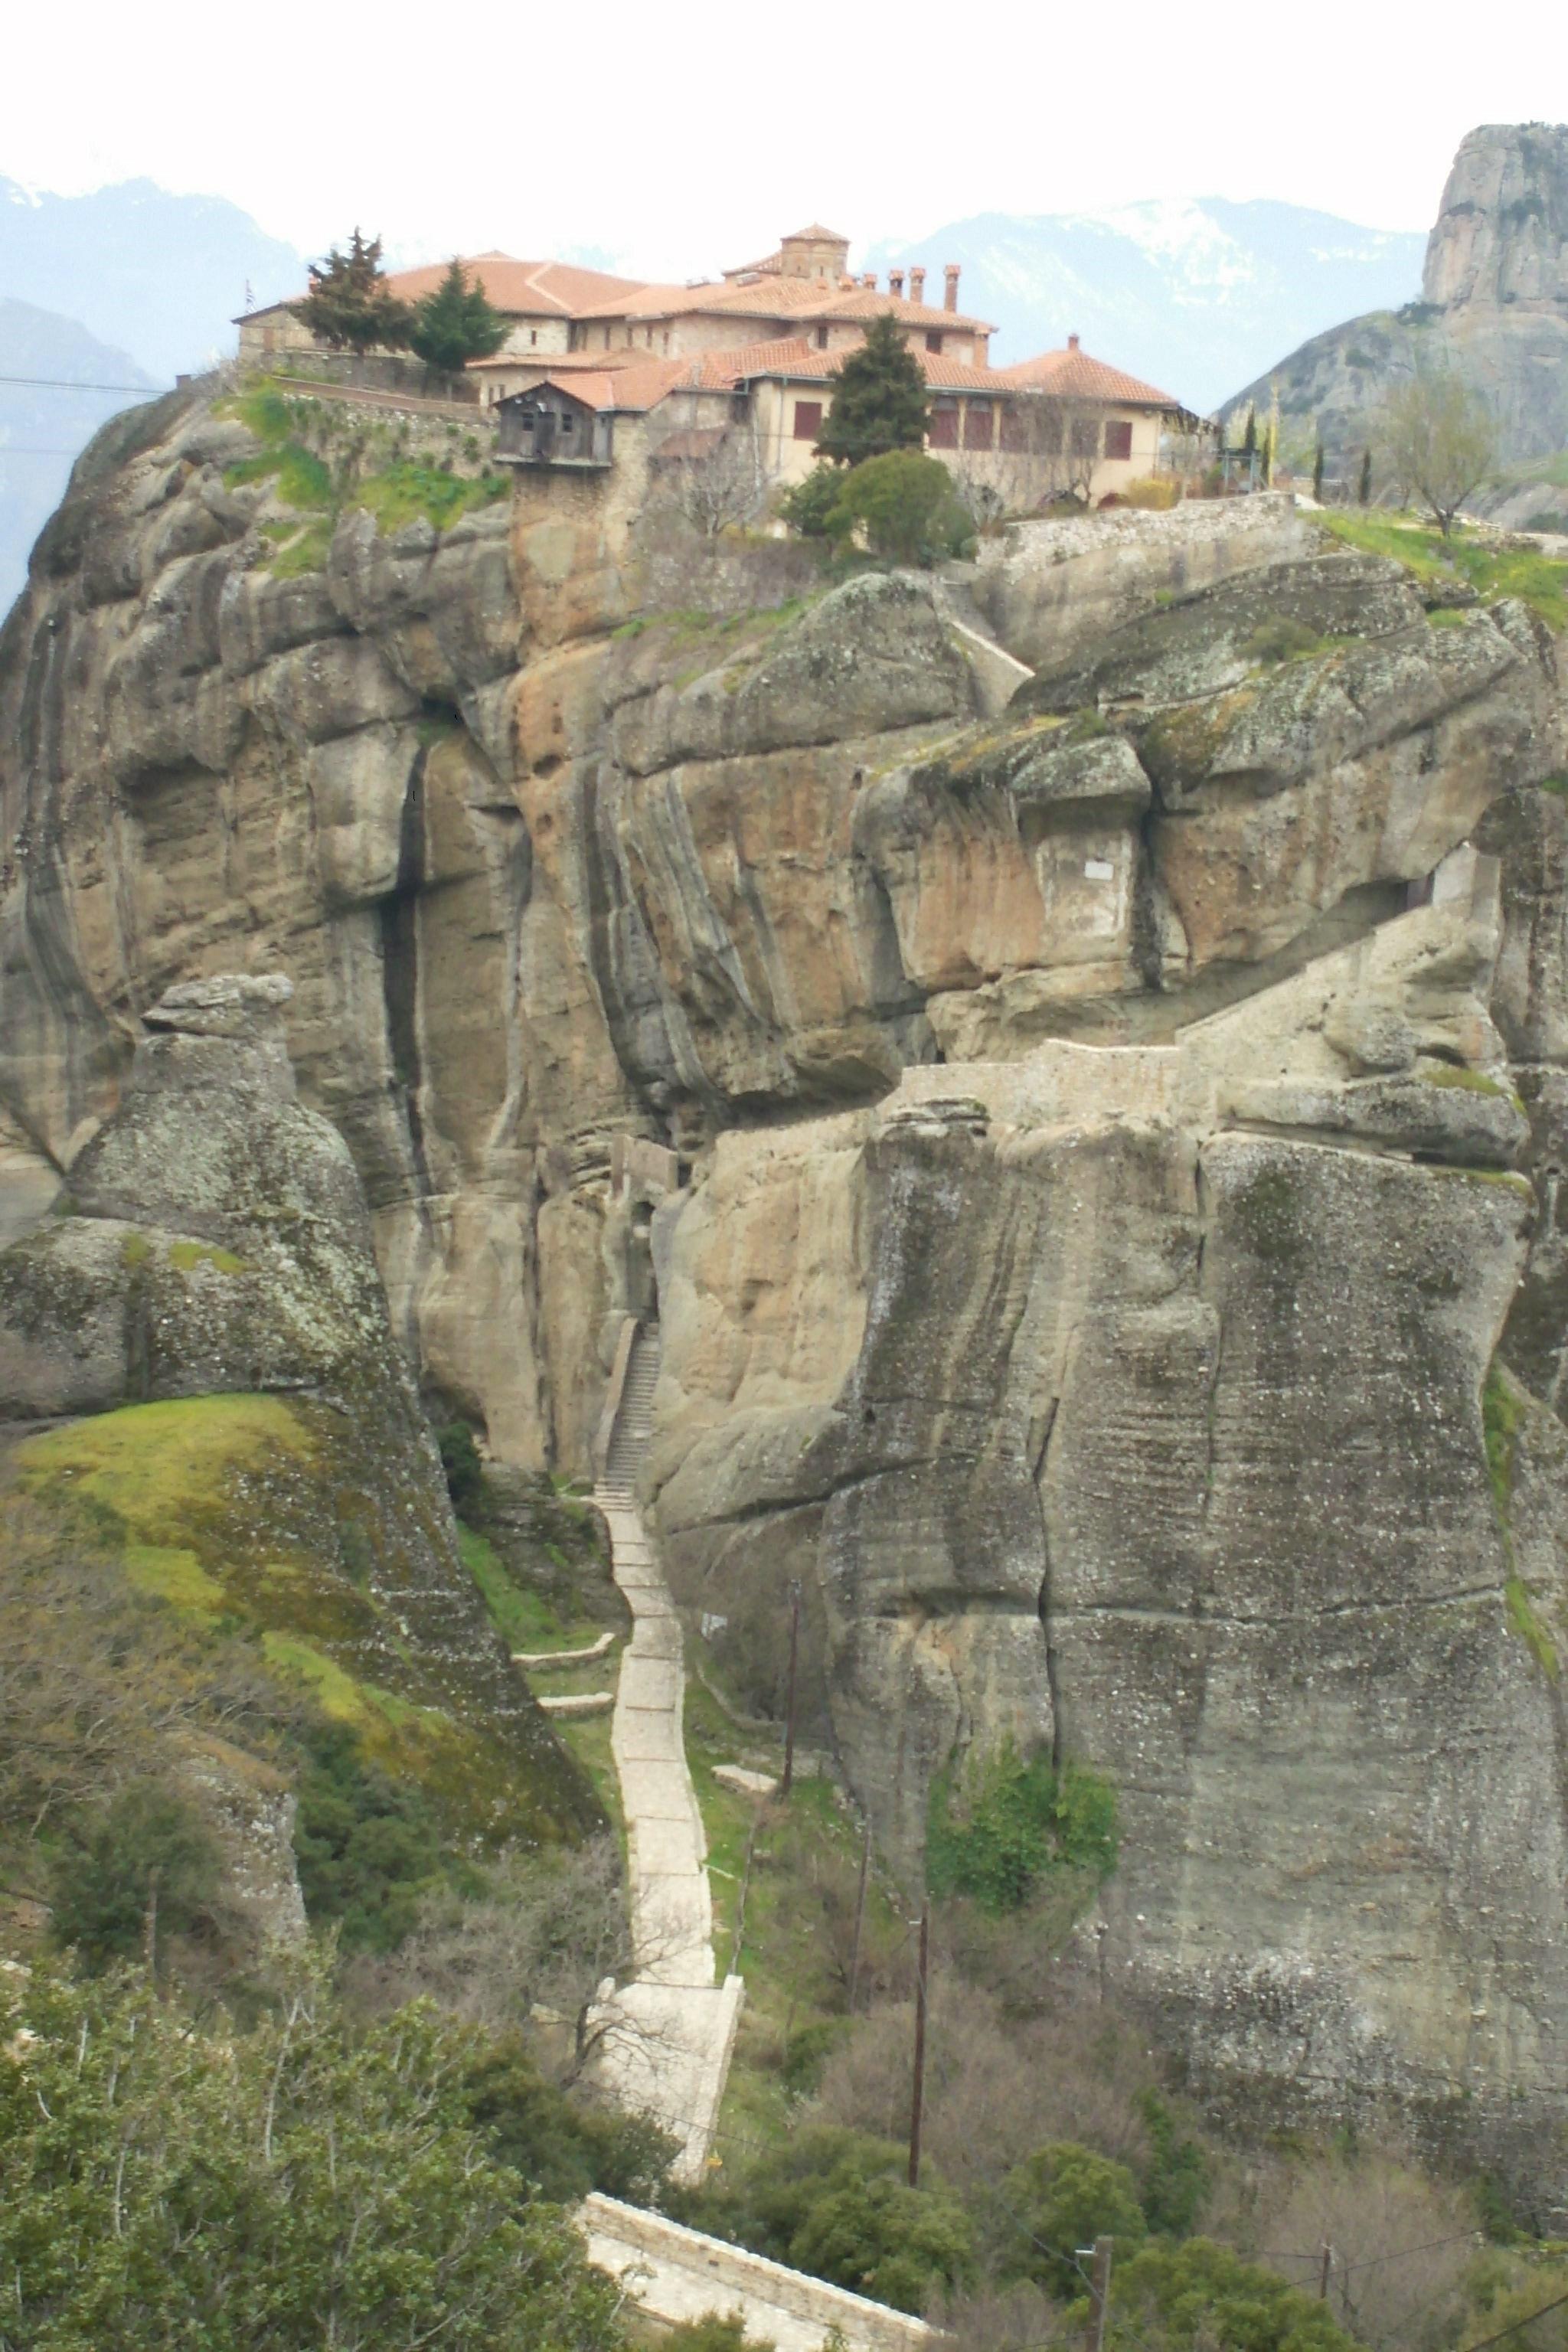 天空の聖地メテオラ、奇岩群にたつ修道院 Vol.2